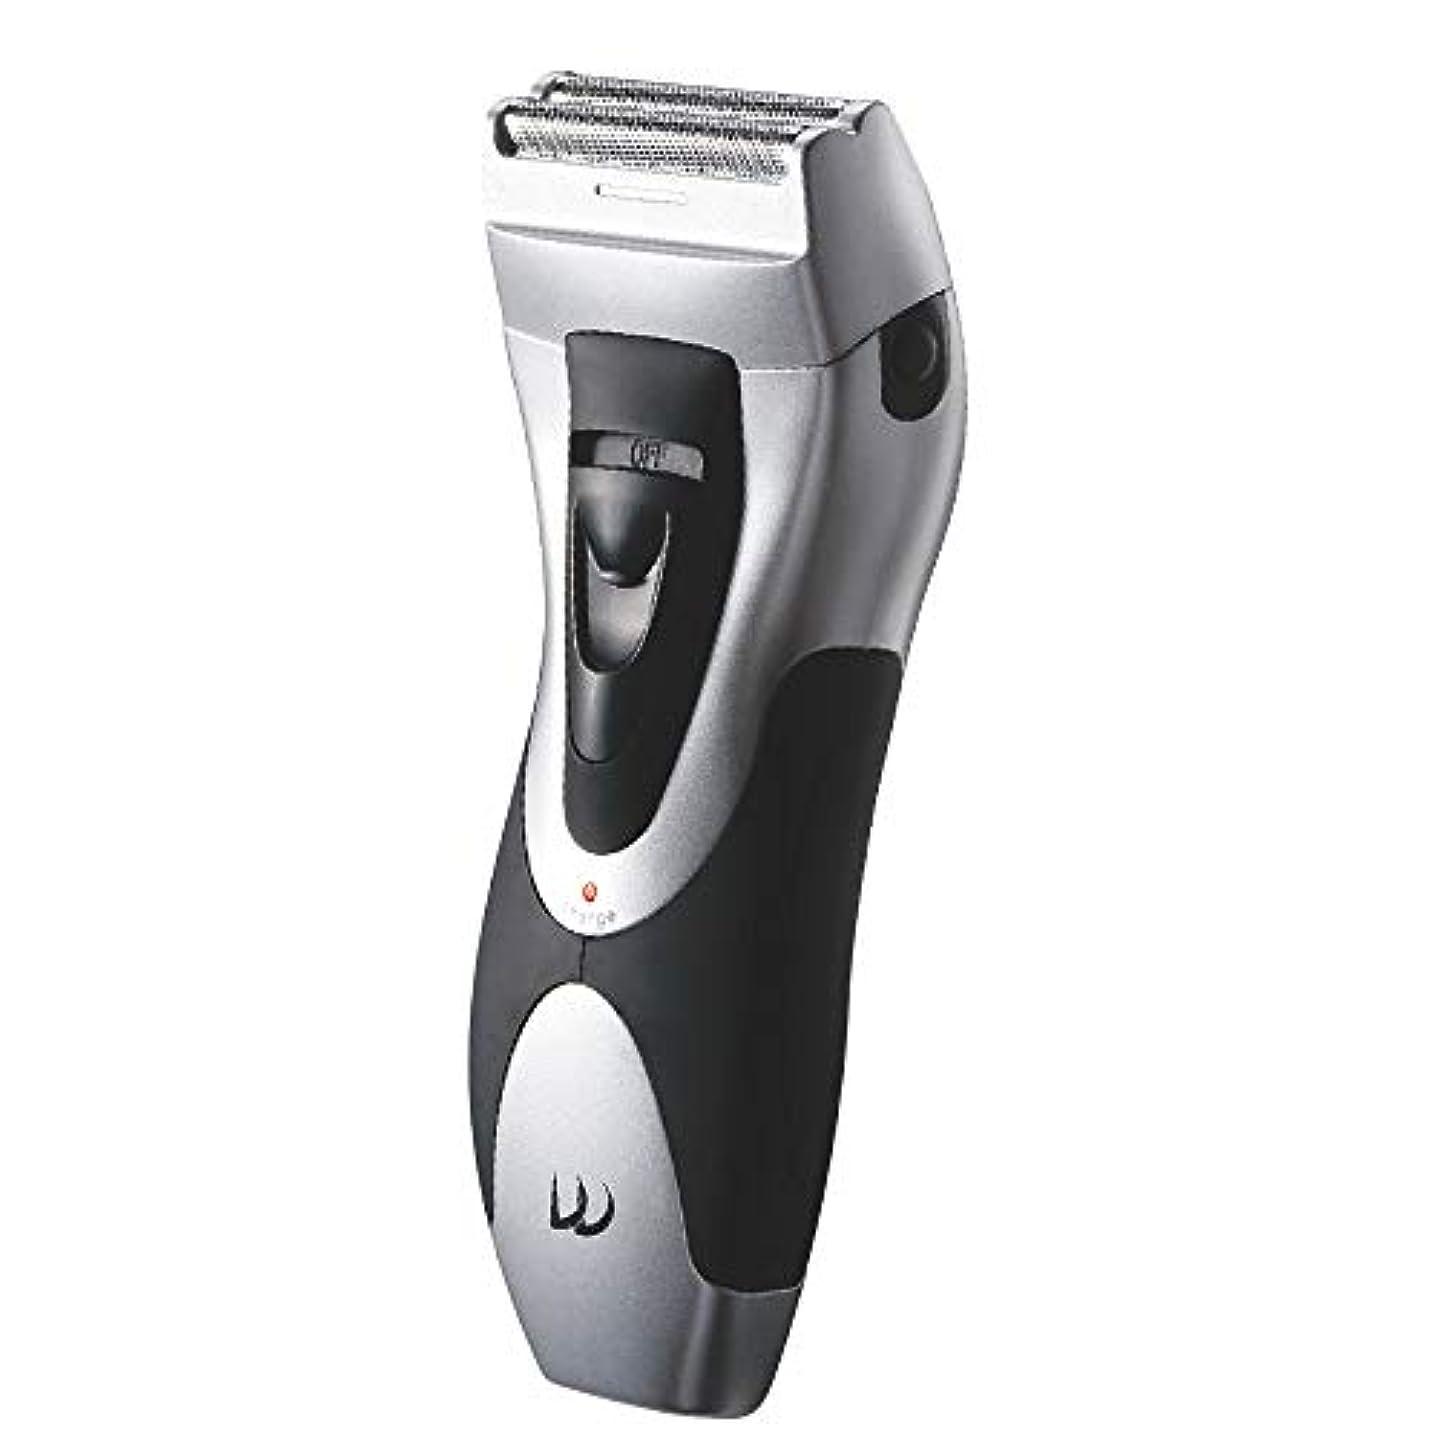 マガジン資本主義影響力のある充電式 Wシェーバー 水洗いOK! 肌に優しい二枚刃 髭剃り ヒゲ剃り お風呂メンズ